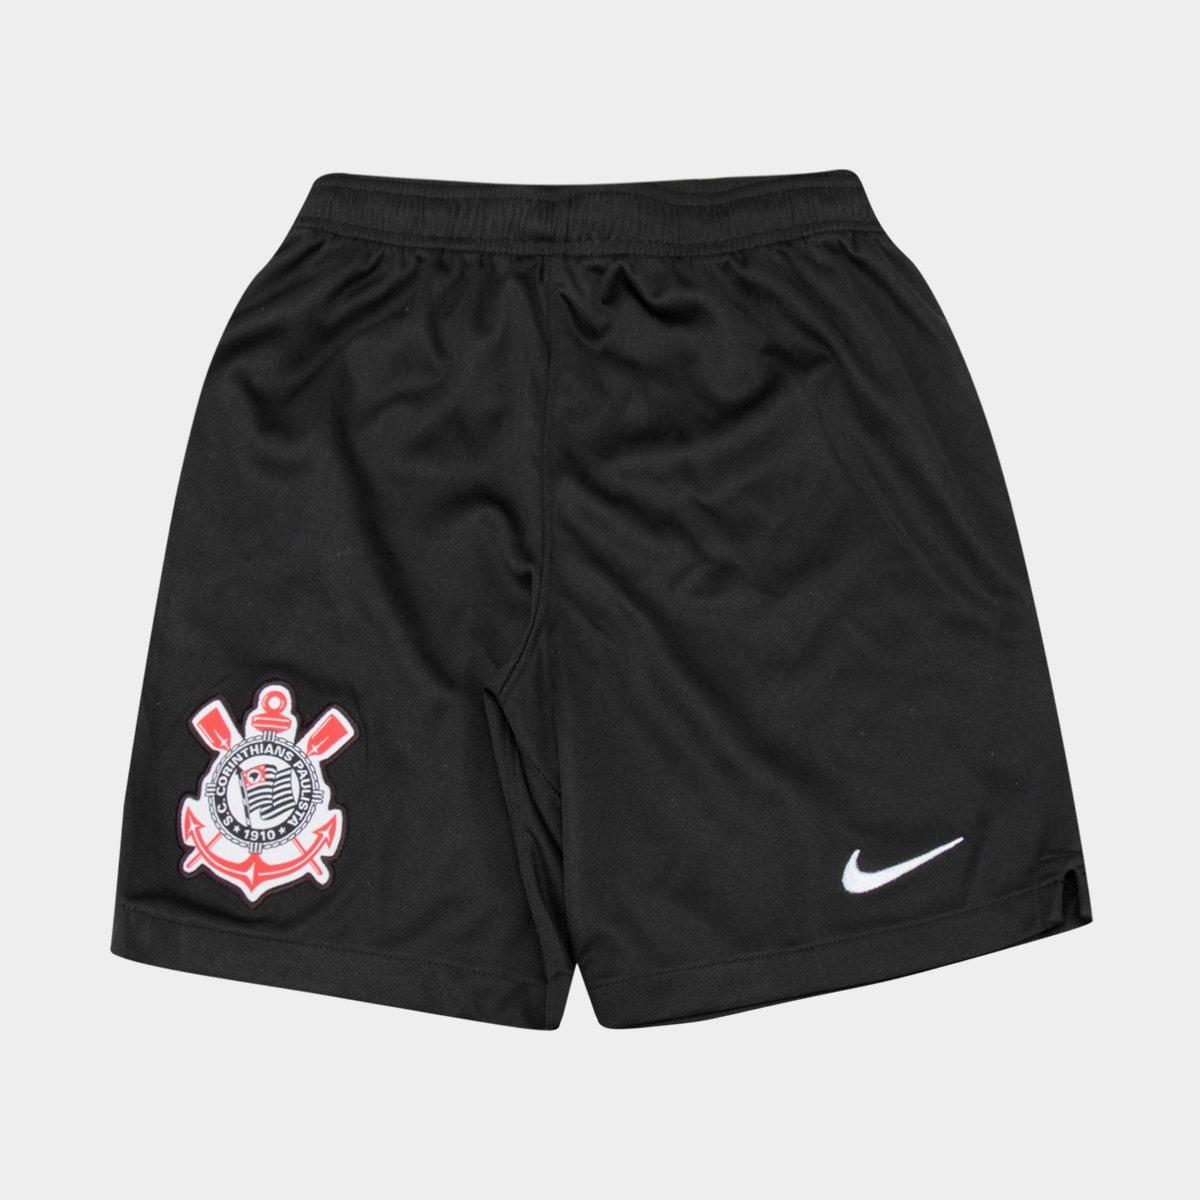 Calção Infantil Corinthians Nike - Preto e Branco - Compre Agora ... 818a8f2d832f3